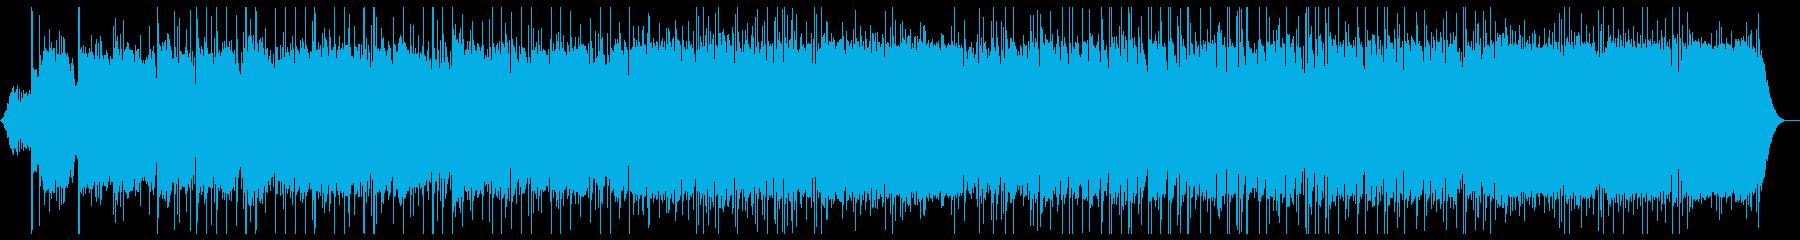 メロディアスなギターインストバラードの再生済みの波形